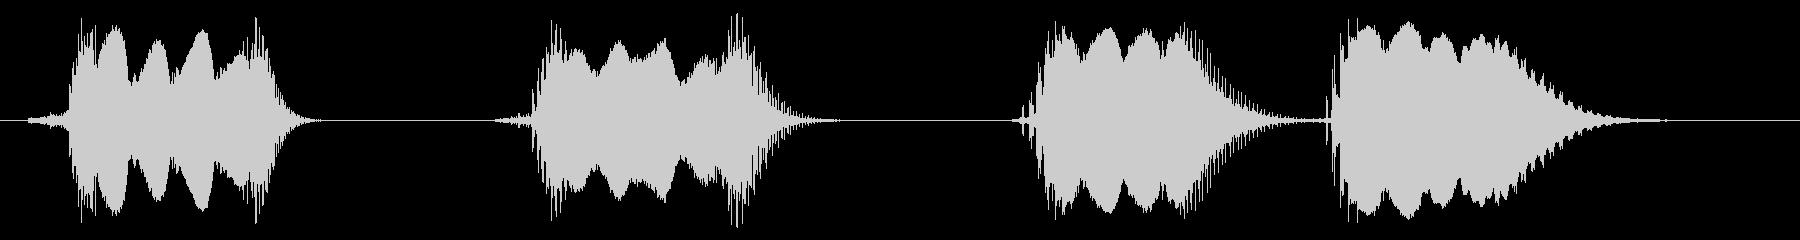 ロボットスイッチ3の未再生の波形